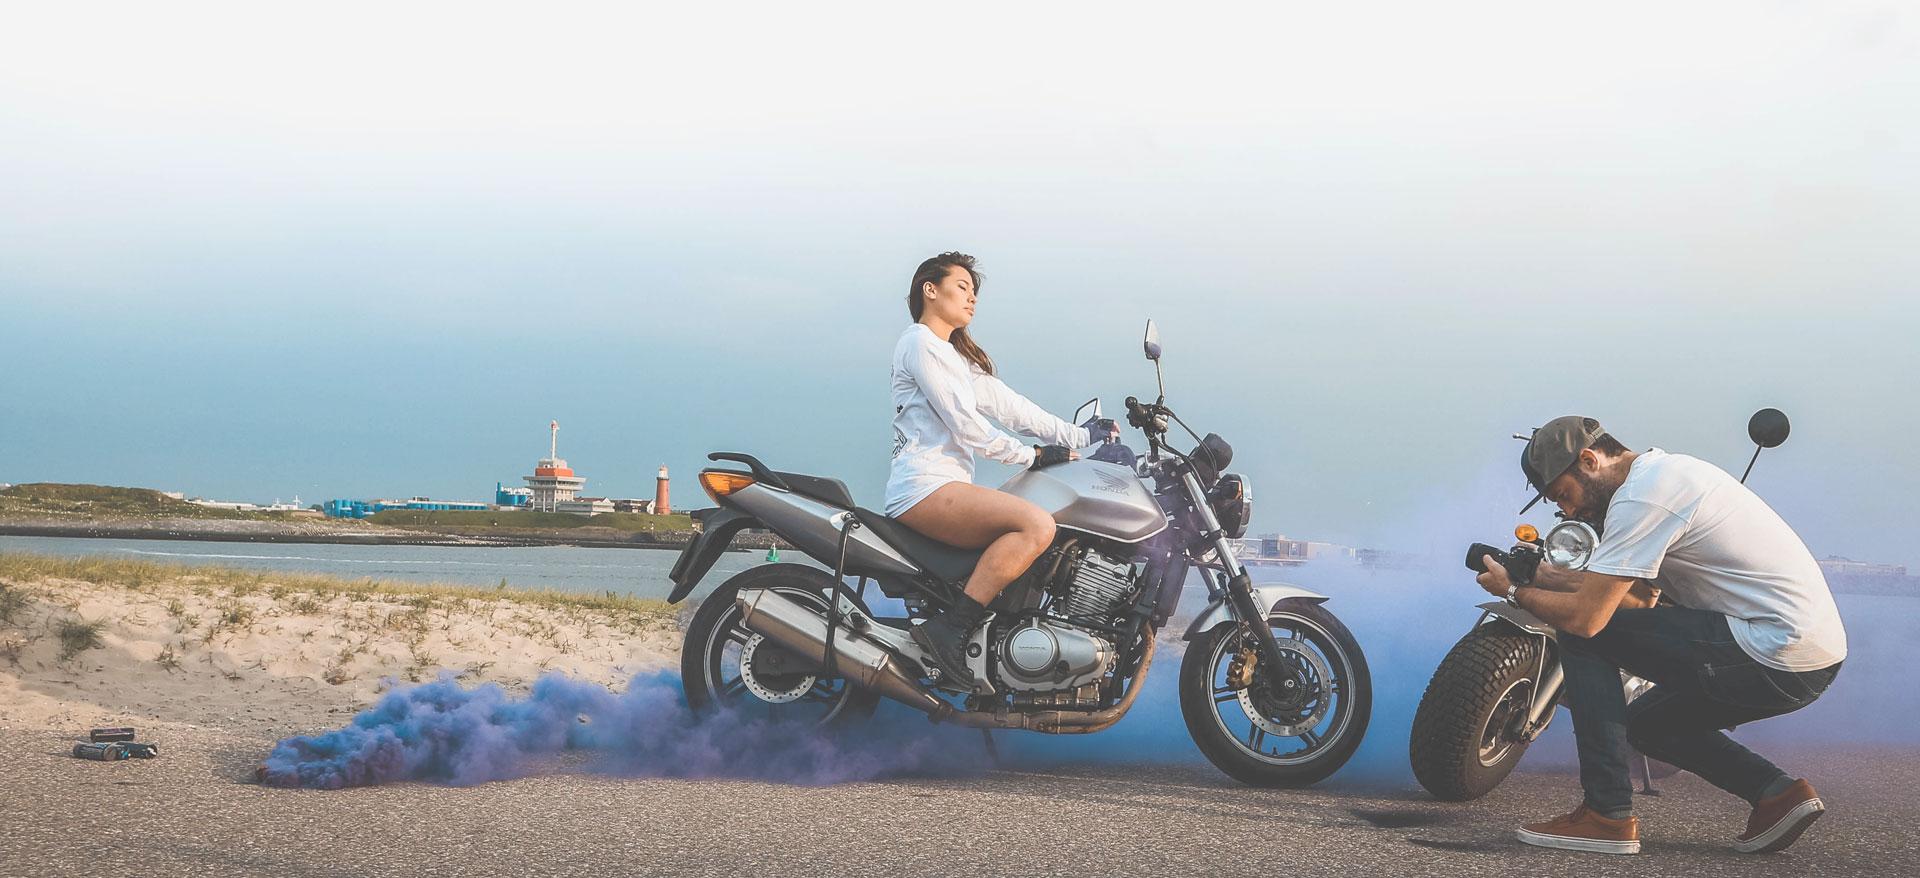 Motorbike videoshoot